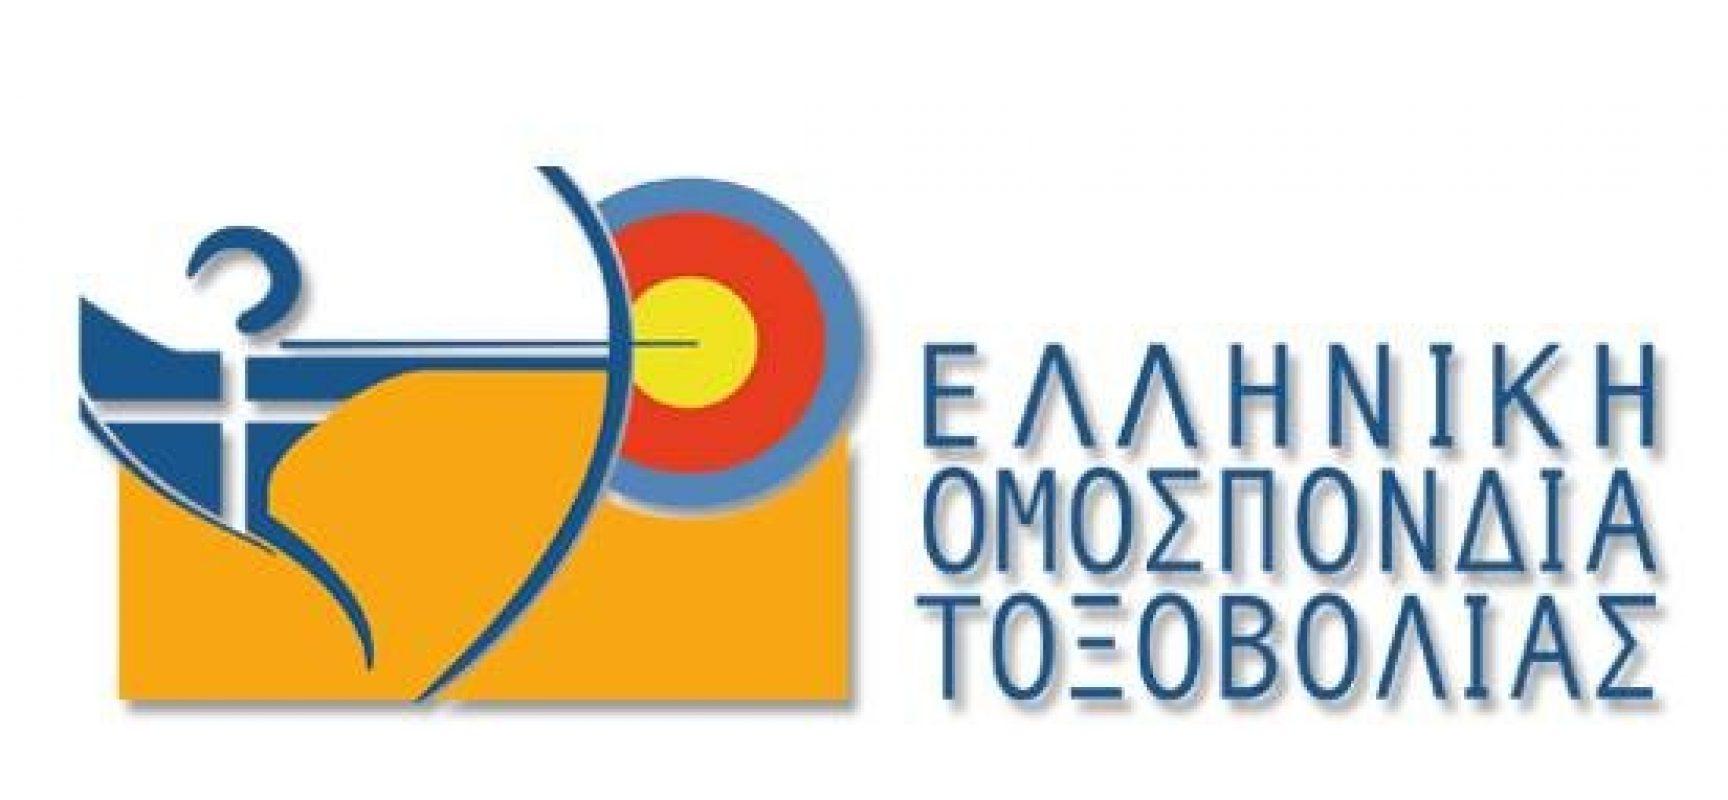 Ανακοίνωση για χορήγηση υποτροφίας της ΓΓΑ σε αθλητές Ε.Ο.Τ.